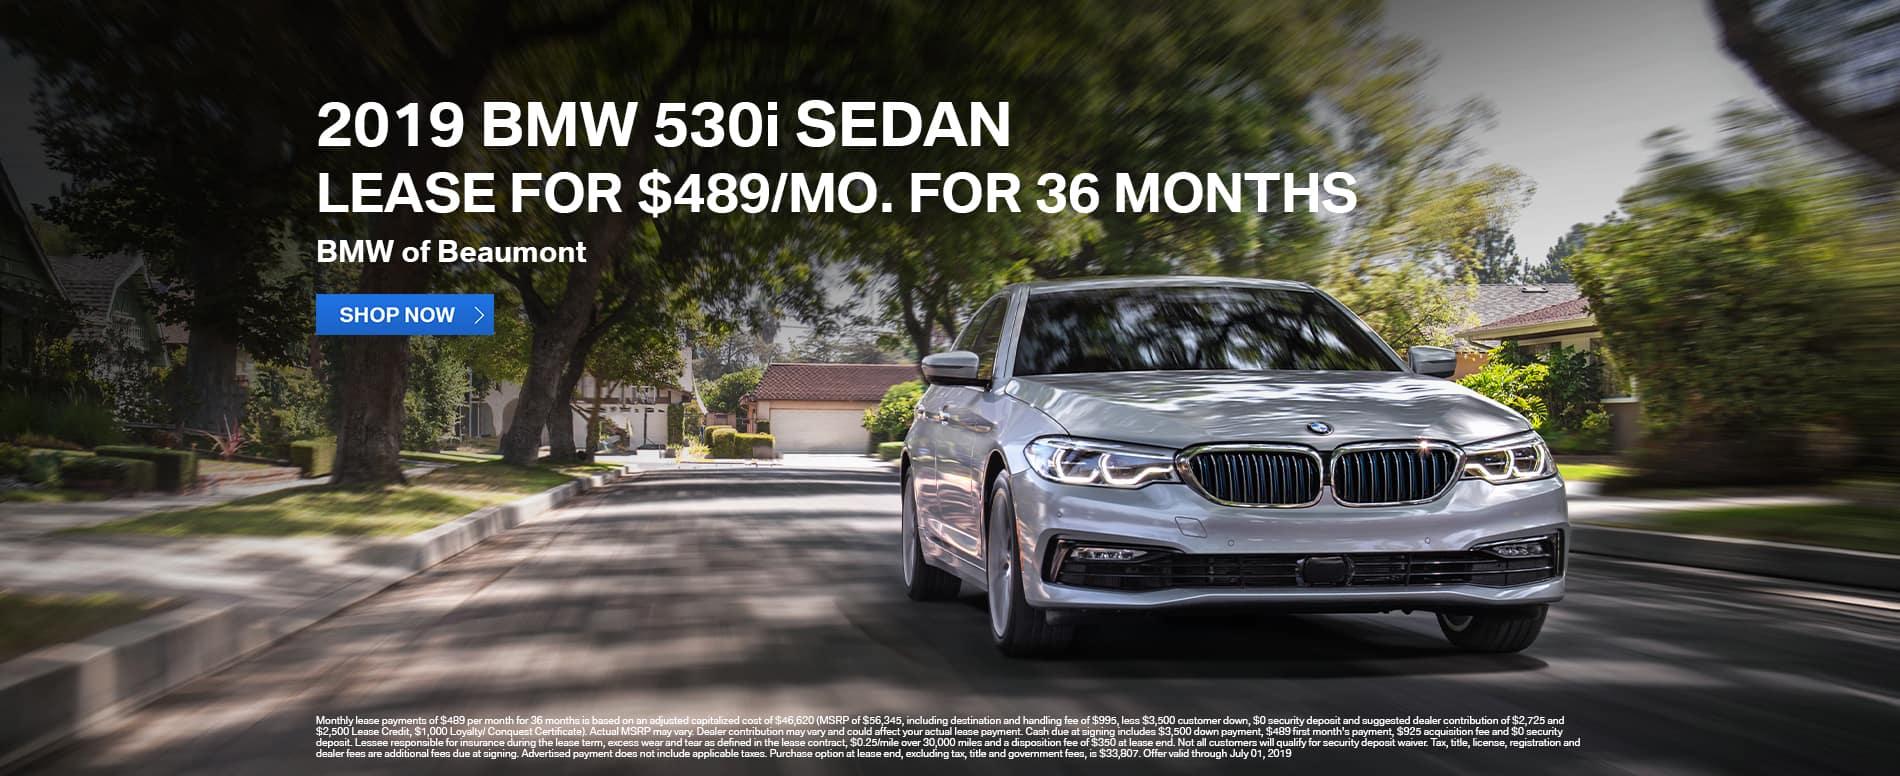 2019-BMW-530i-Sedan